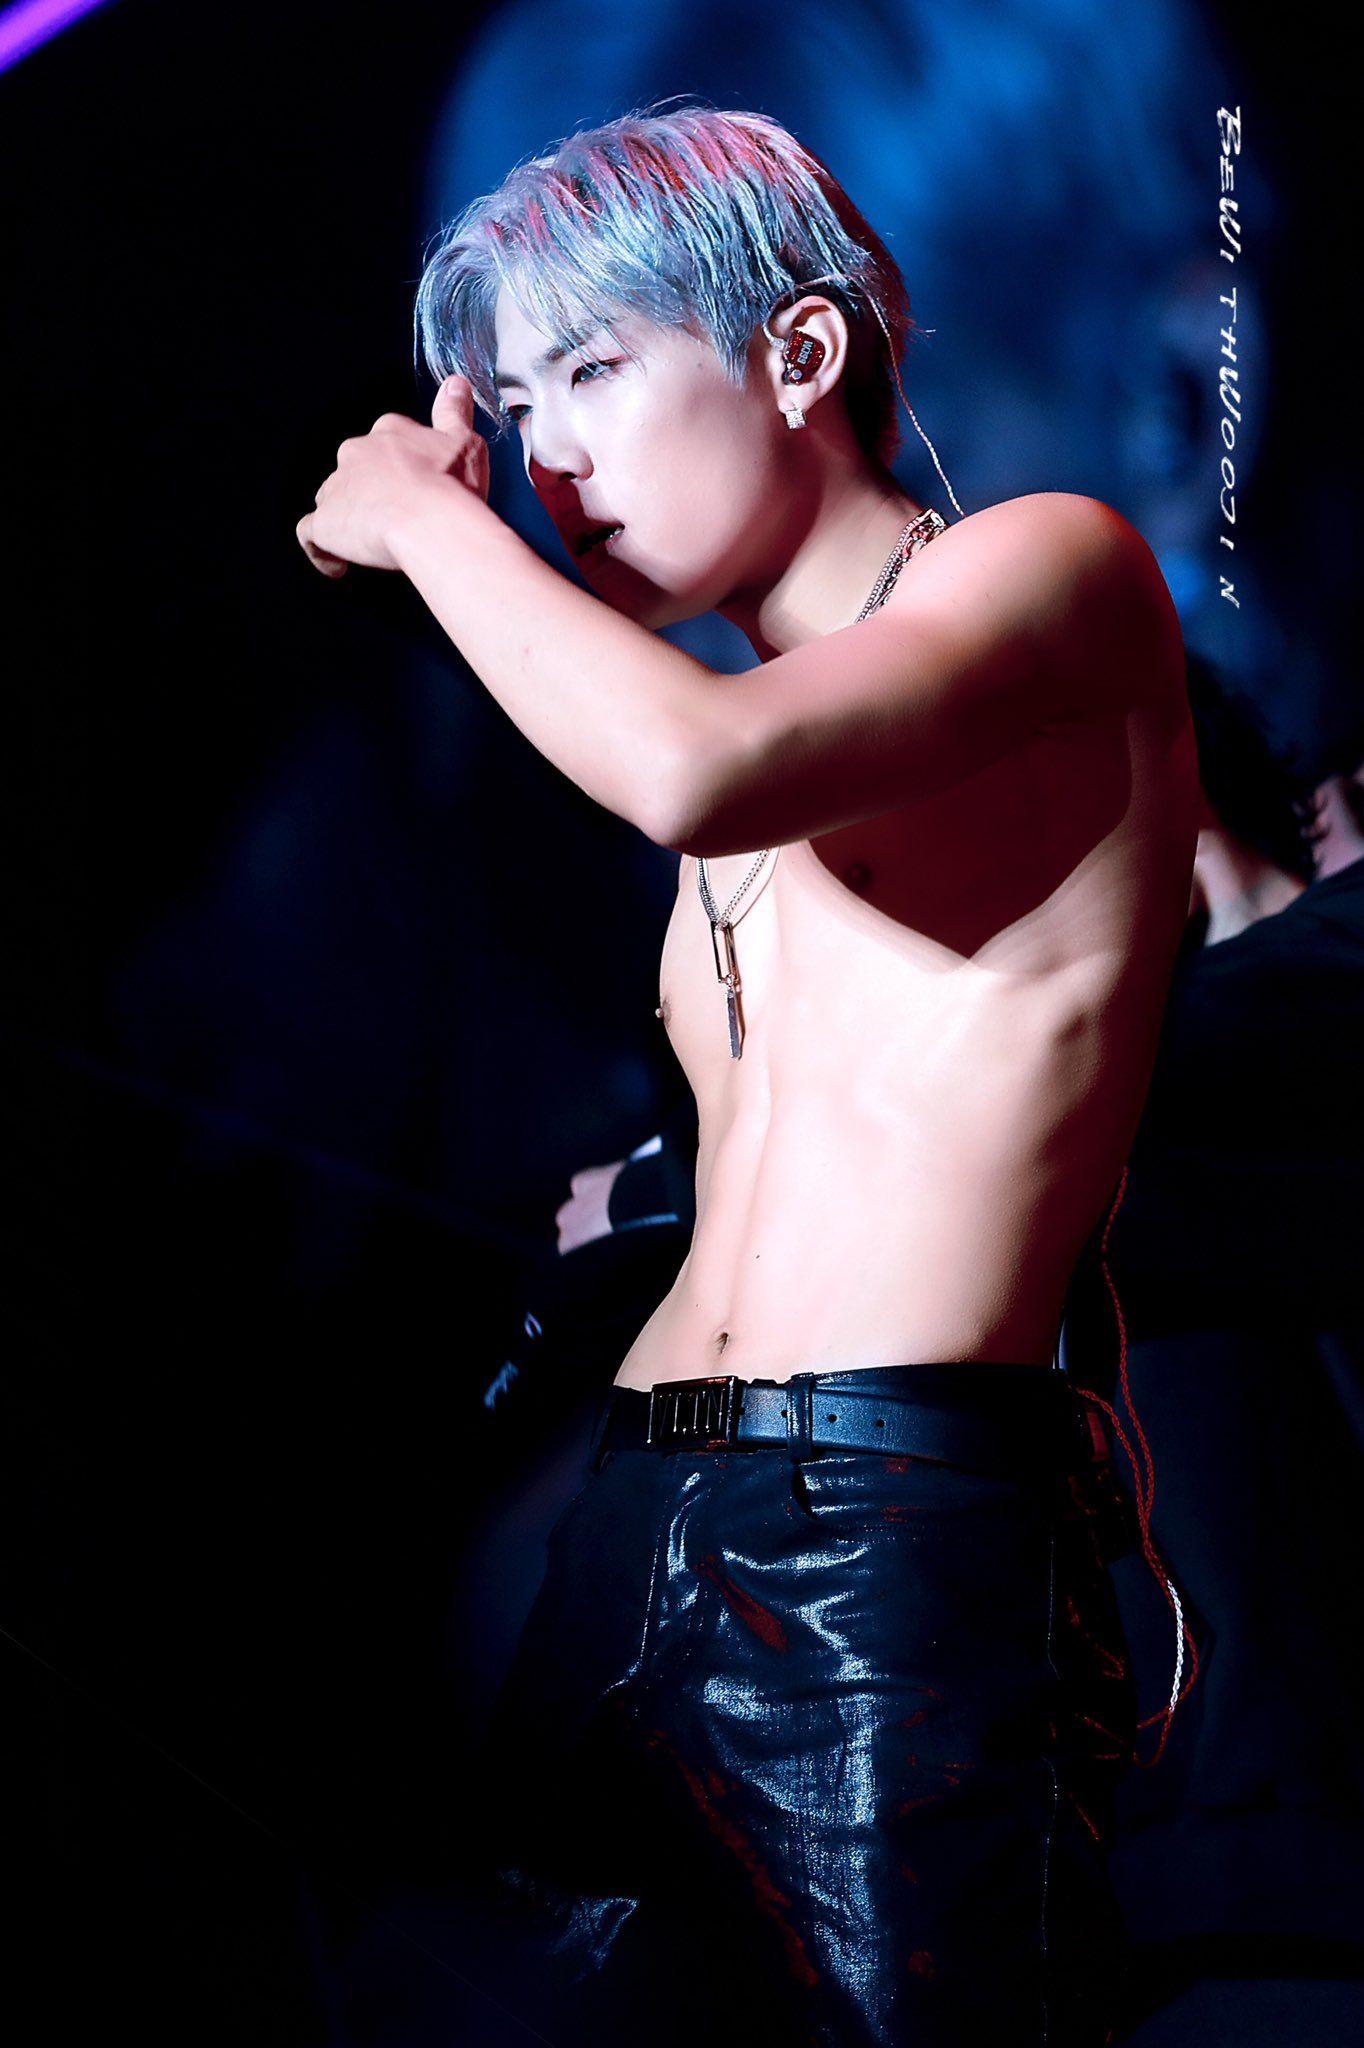 Bewithwoojin On Twitter Kpop Guys Korean Idol Shirtless